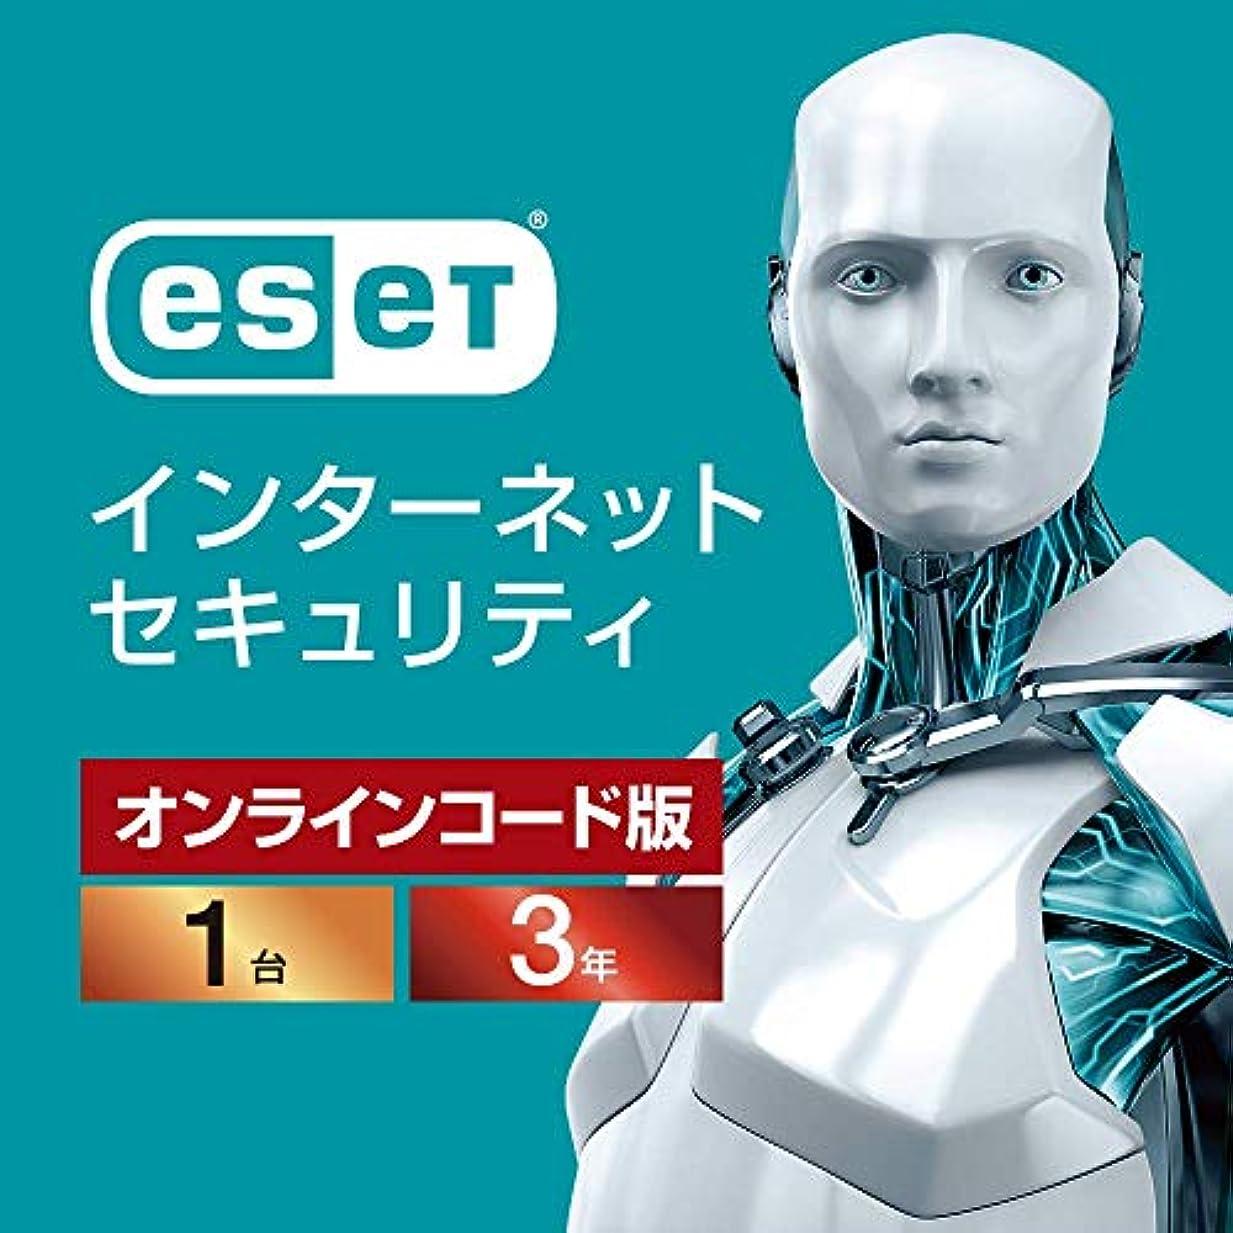 ピンポイントずんぐりした矛盾するESET インターネット セキュリティ(最新)|1台3年|オンラインコード版|Win/Mac/Android対応